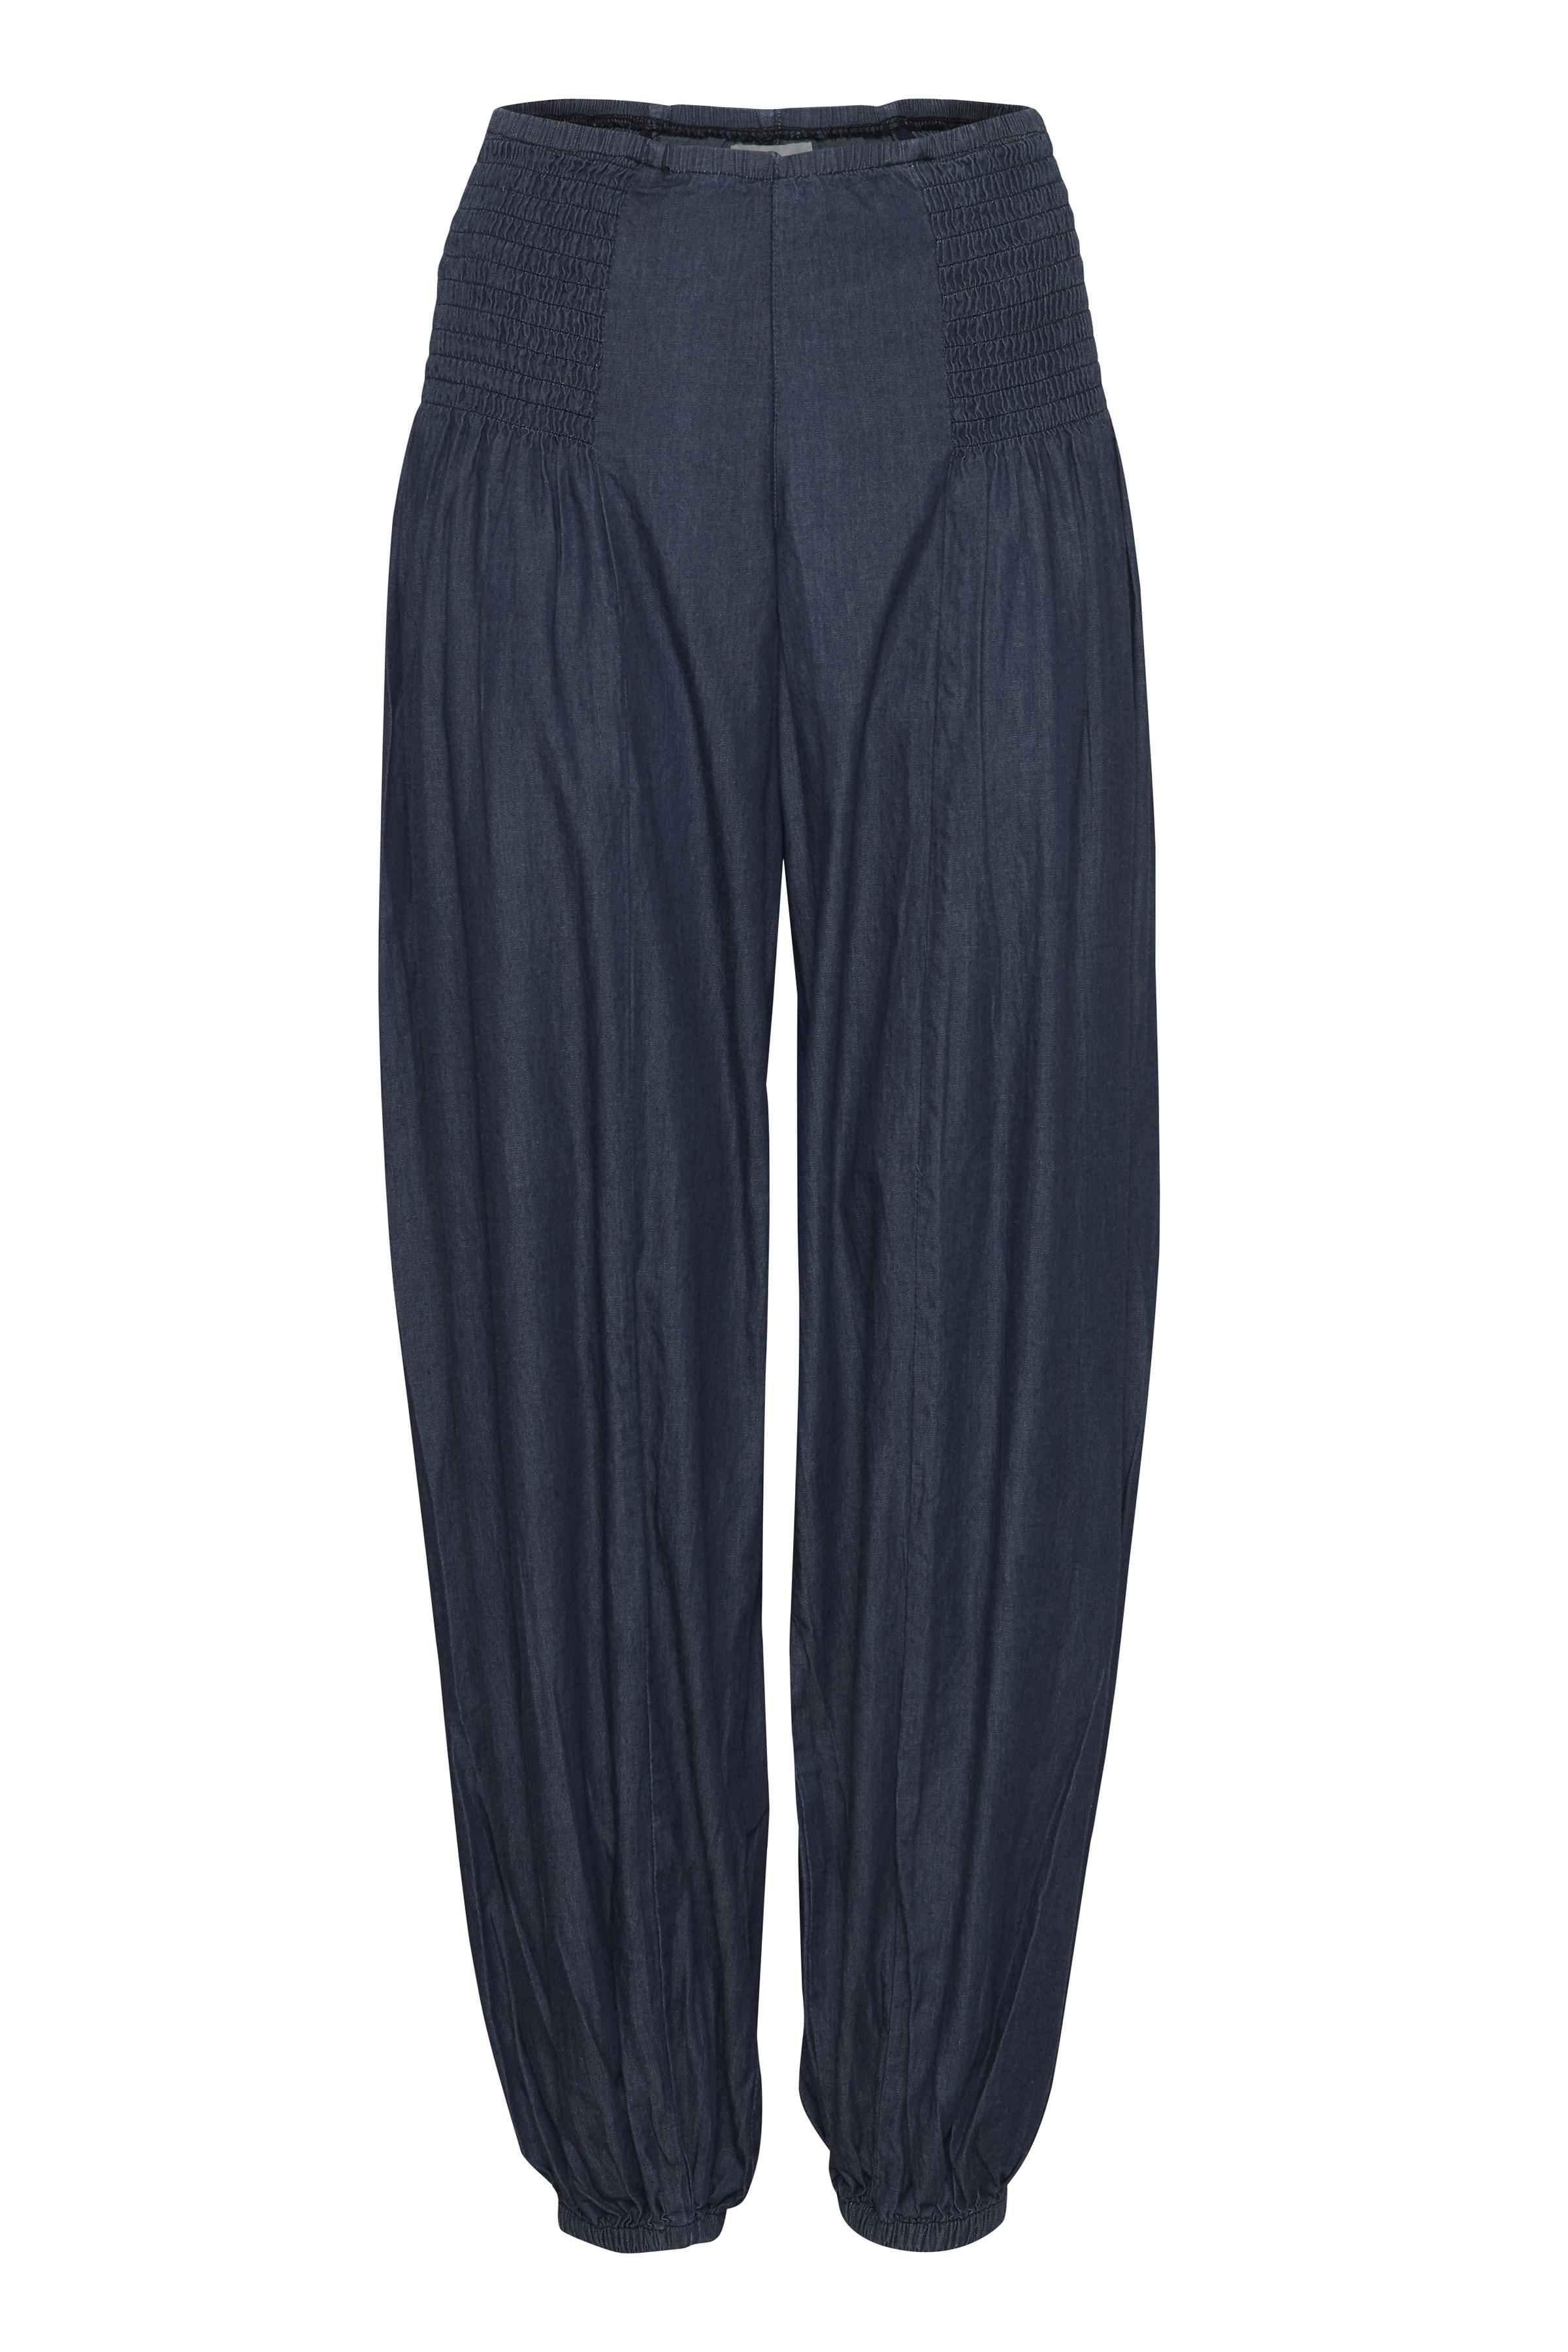 Image of Pulz Jeans Dame Casual bukser - Mørk denimblå